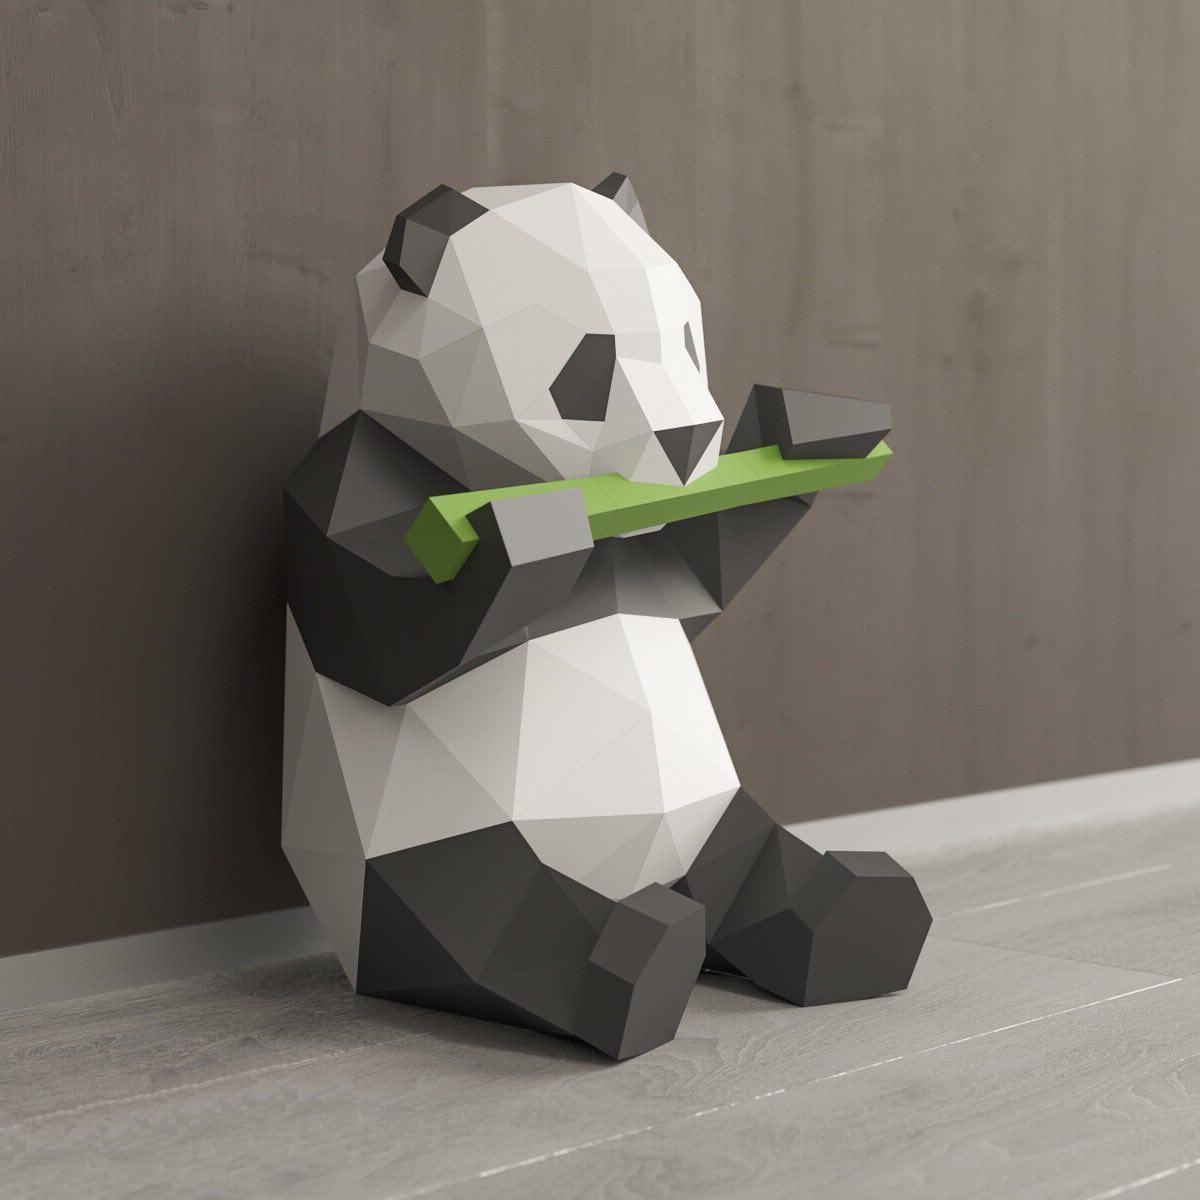 Панда – традиционный символ японского интерьера